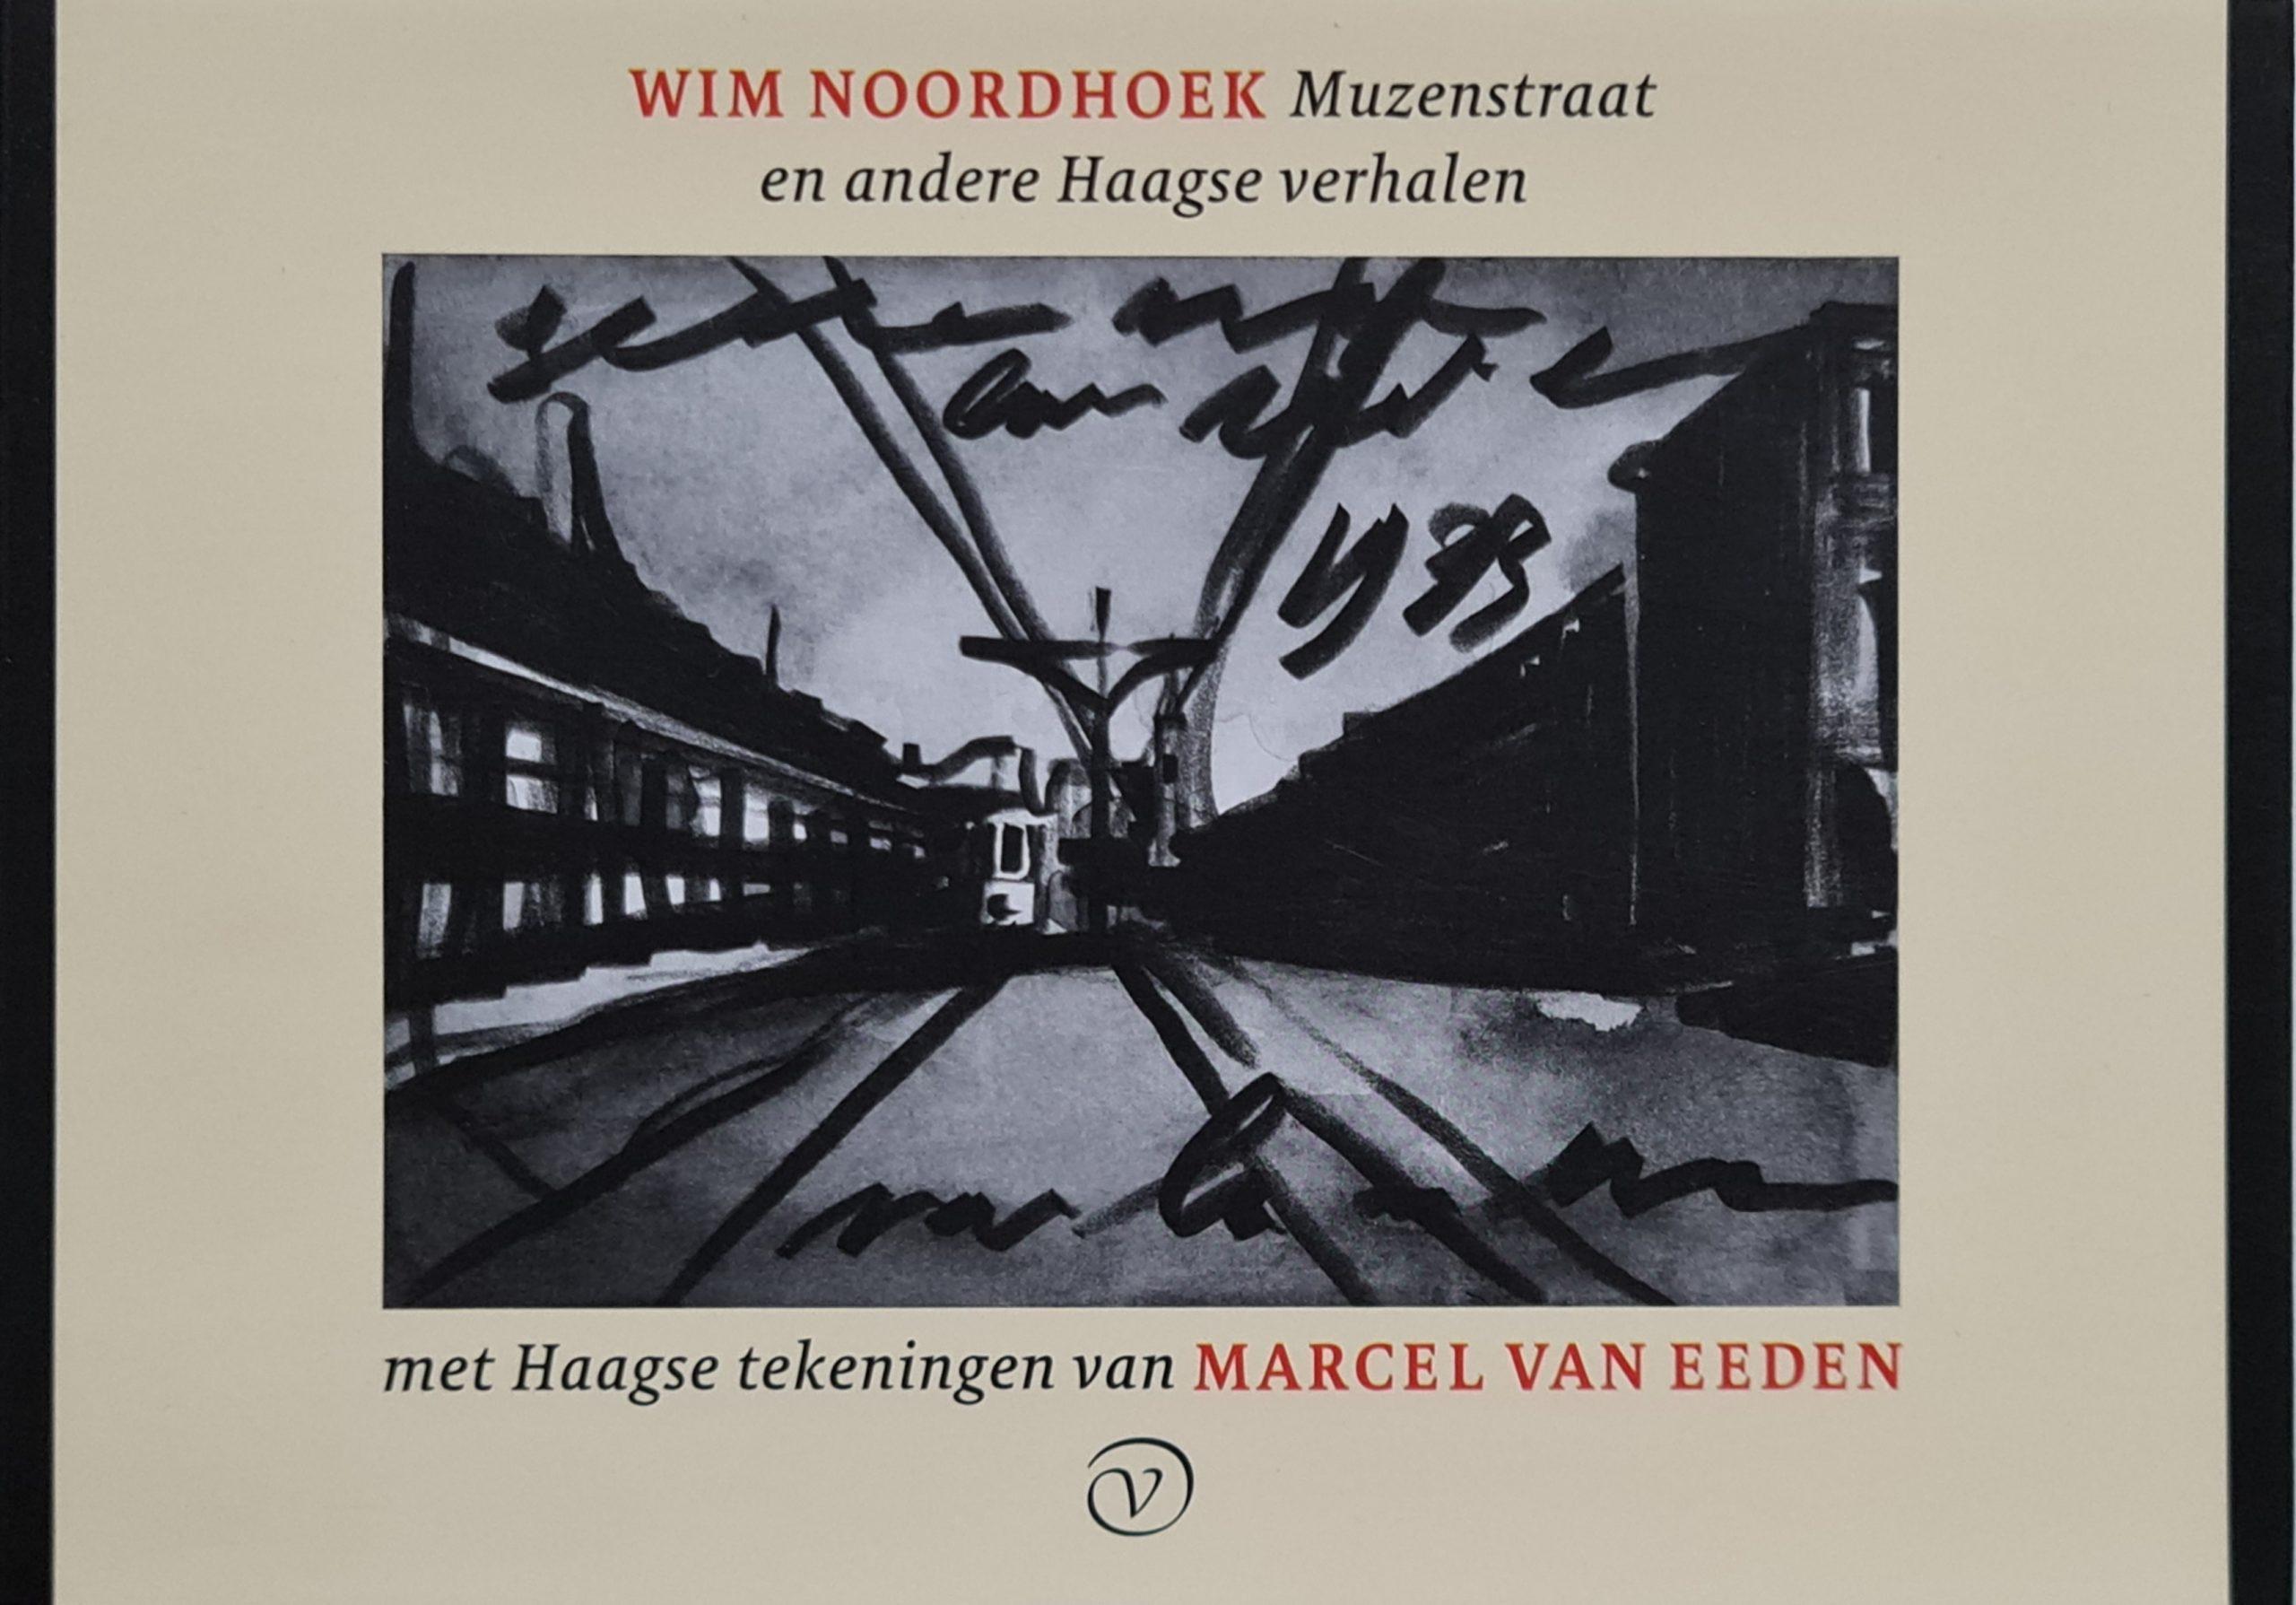 Muzenstraat en andere Haagse verhalen Wim Noordhoek 2016 ISBN 9789028261297 muzenstraat den haag verhalen den haag haagse verhalen noordhoek boek den haag verhalen skoander.com